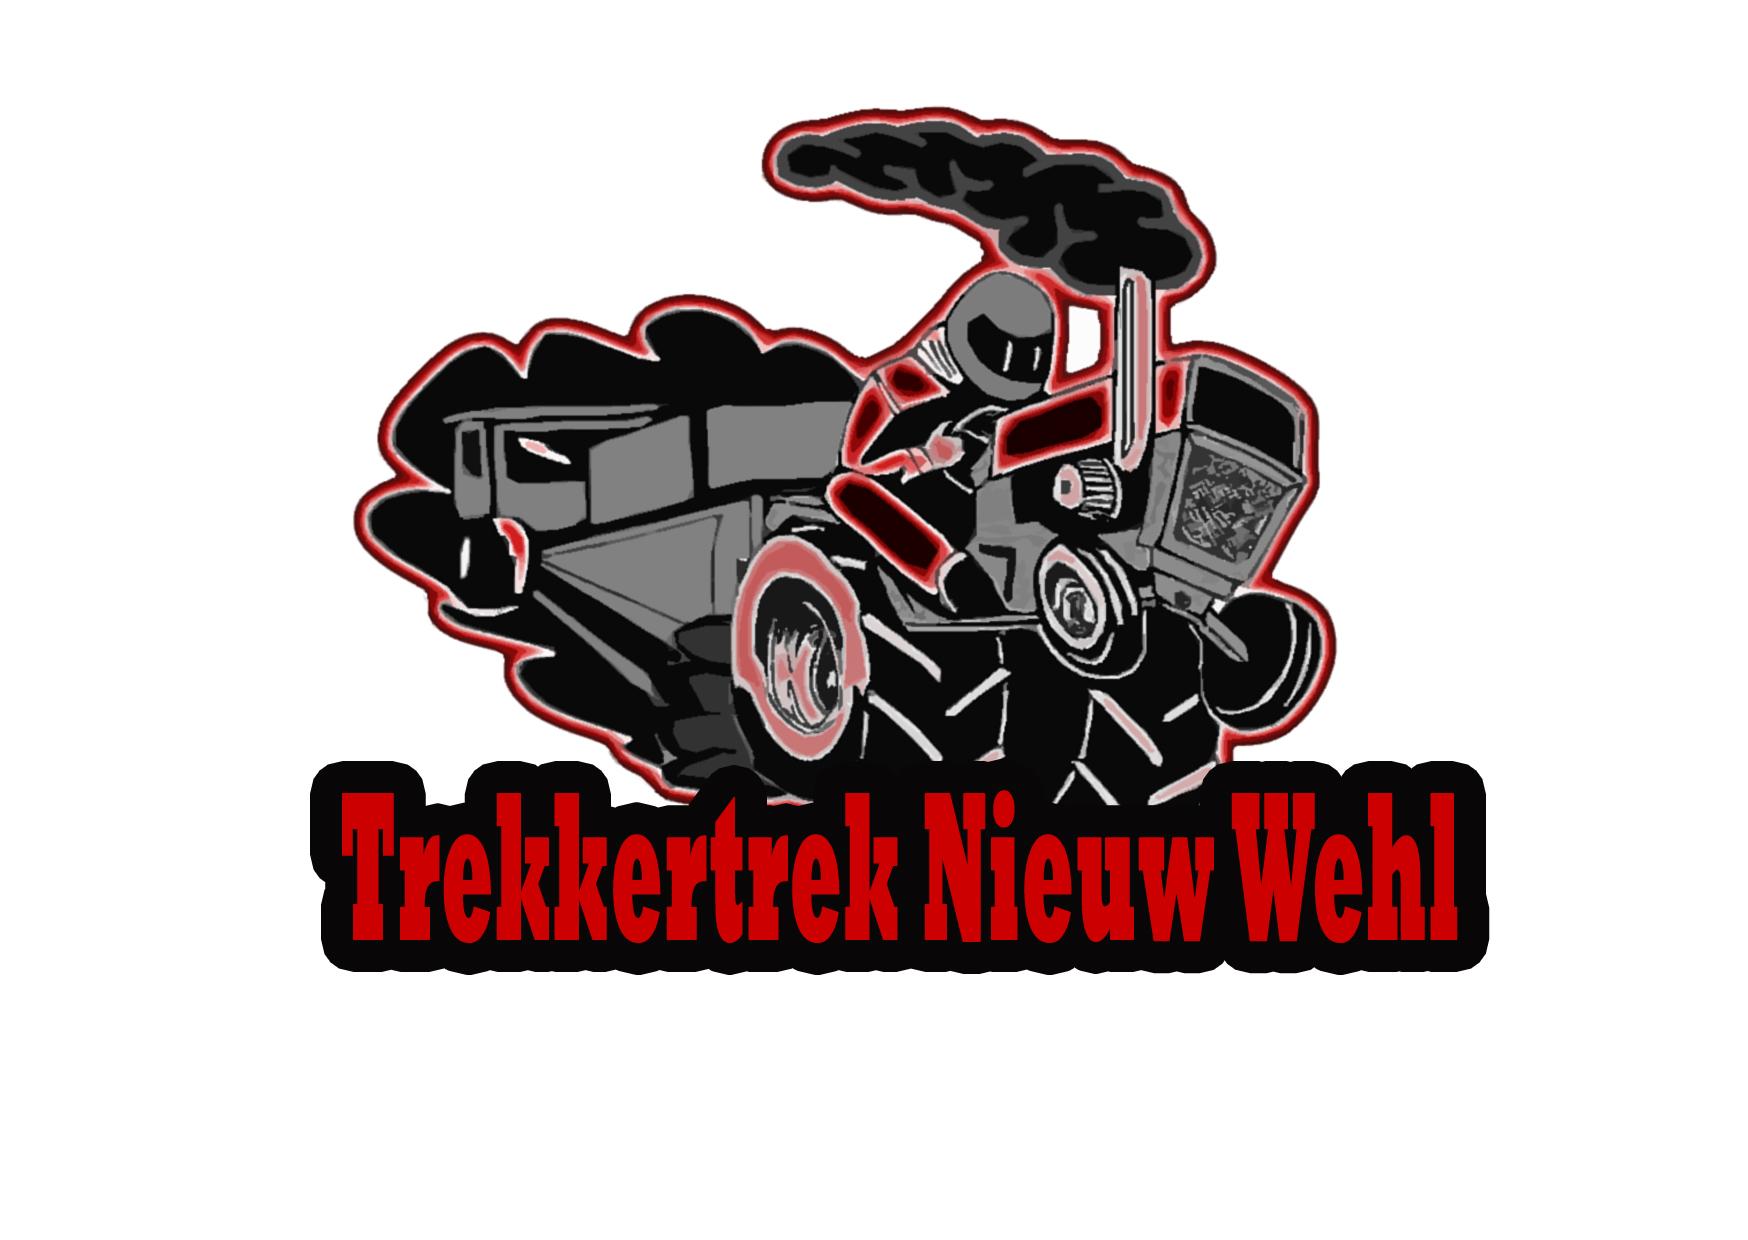 Trekkertrek Nieuw Wehl Logo